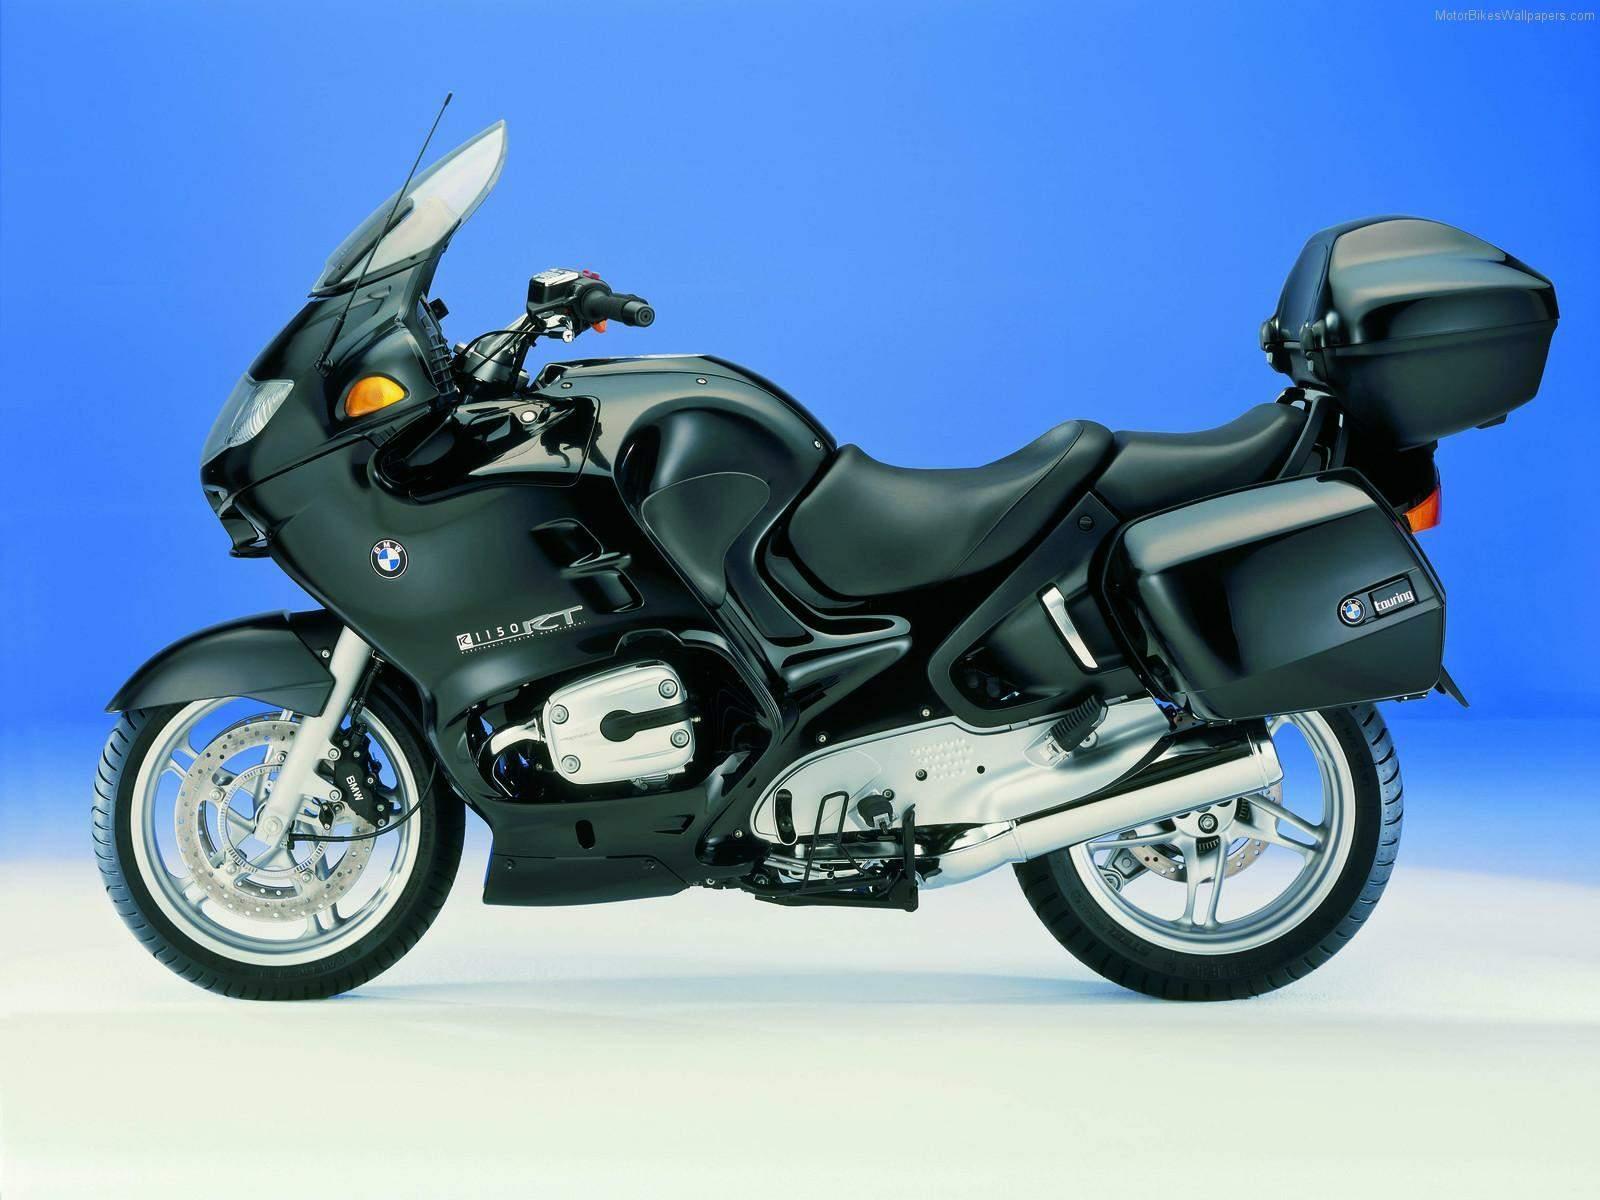 Moto Bmw 1150 Rt Idea Di Immagine Del Motociclo